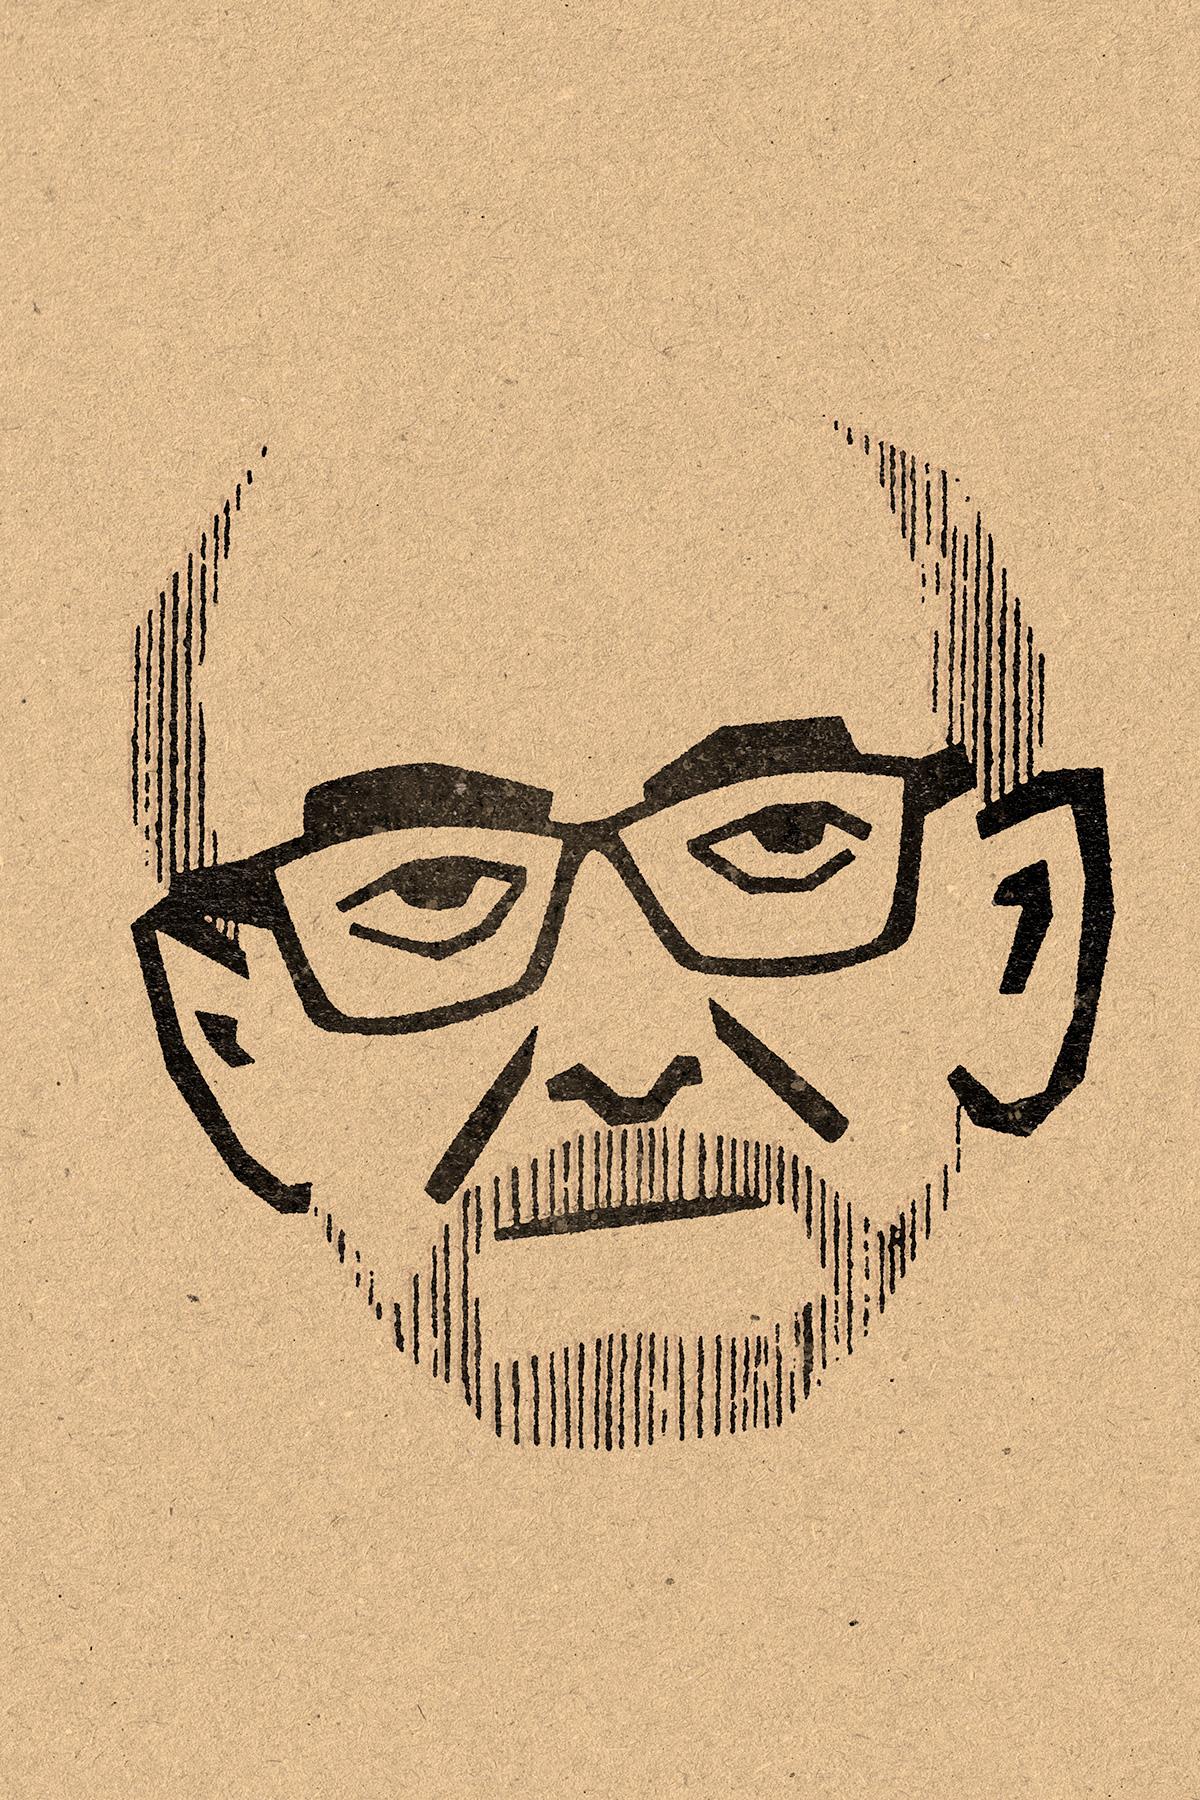 Luiz Maklouf Carvalho [1953–2020], repórter. Trabalhou em diversos órgãos de imprensa e fez história na piauí, que já sente falta do humor ranzinza, da persistência implacável e daquele jeito egoísta de esconder sua enorme generosidade